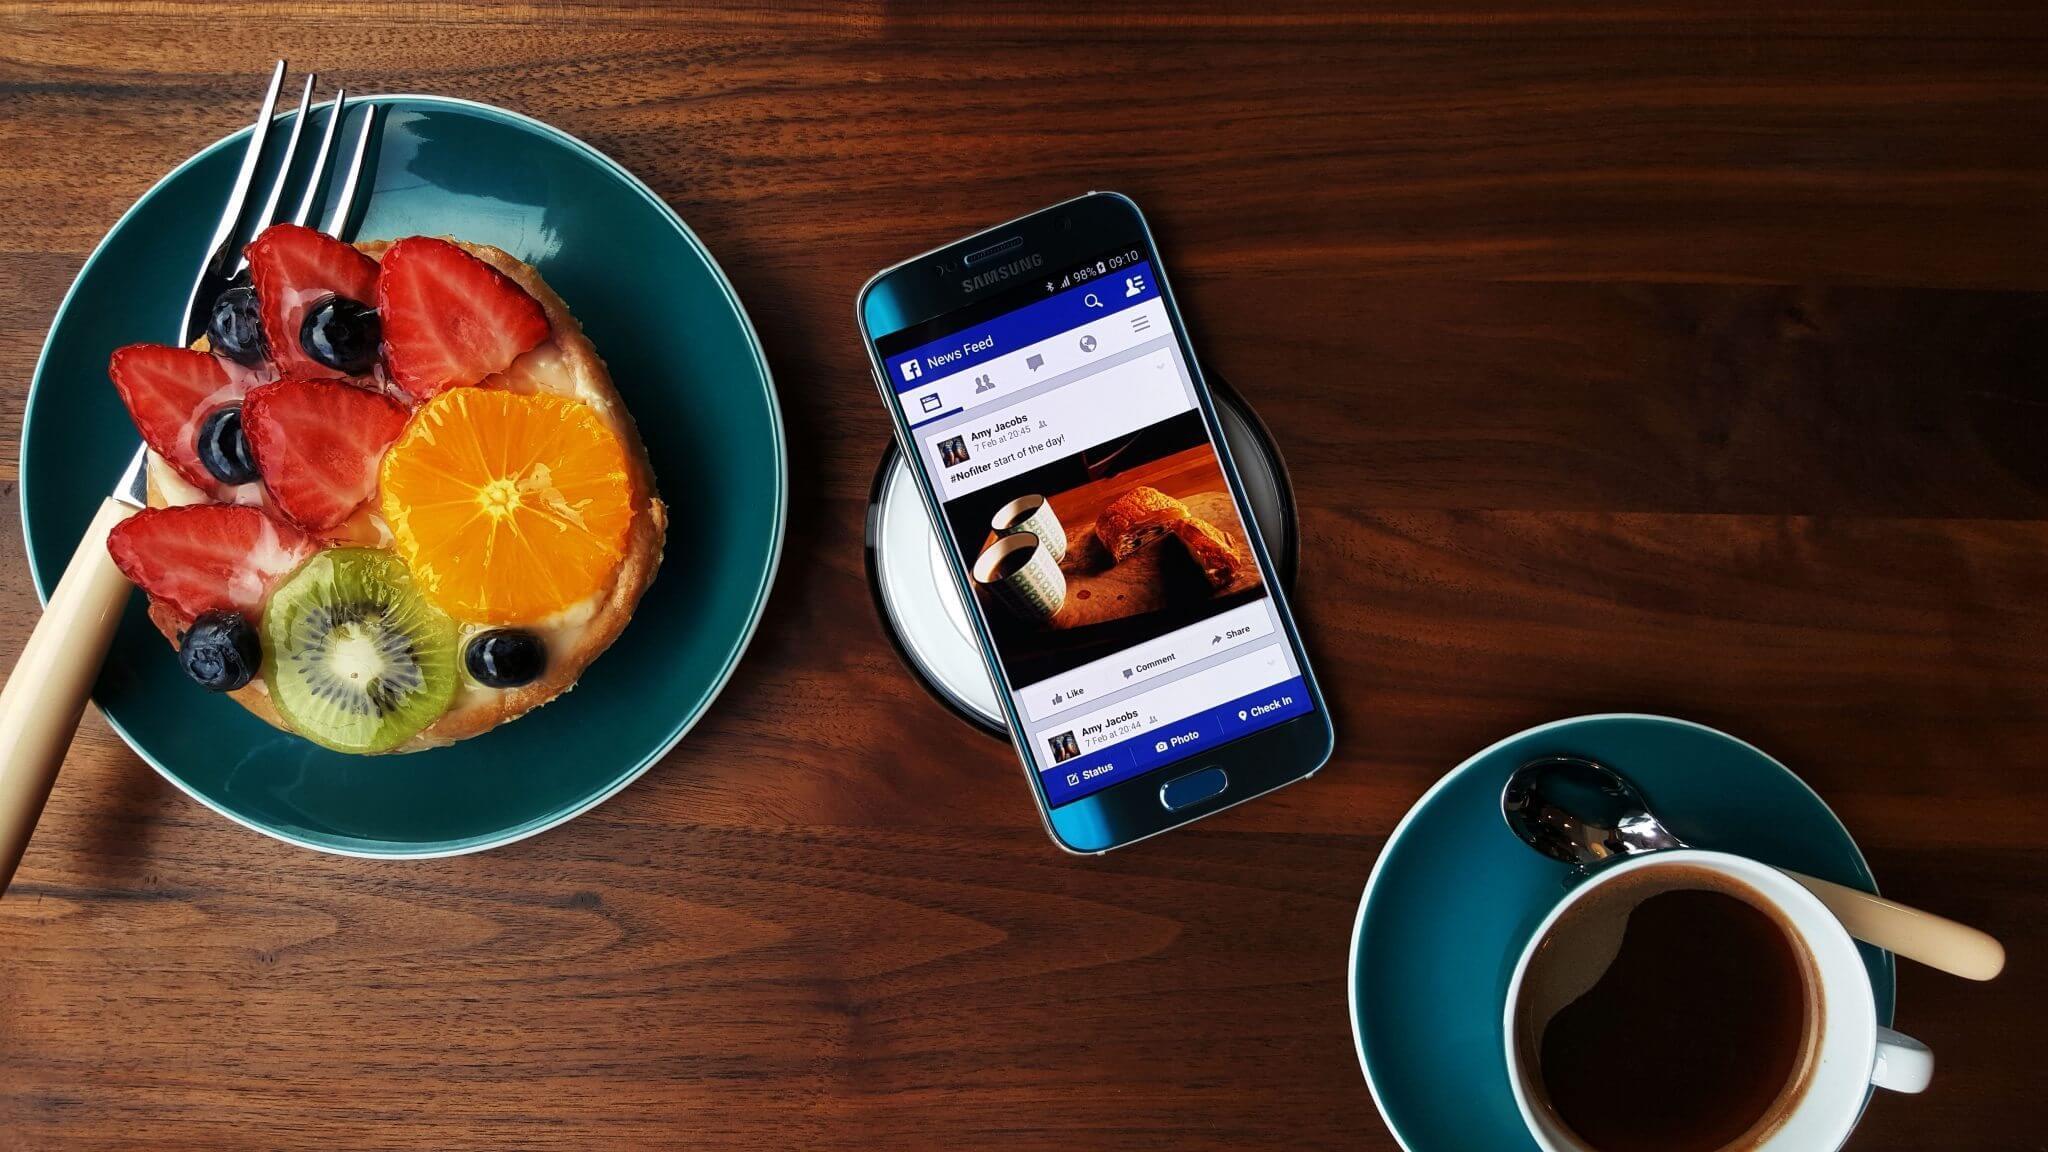 smt-SamsungPay-capa